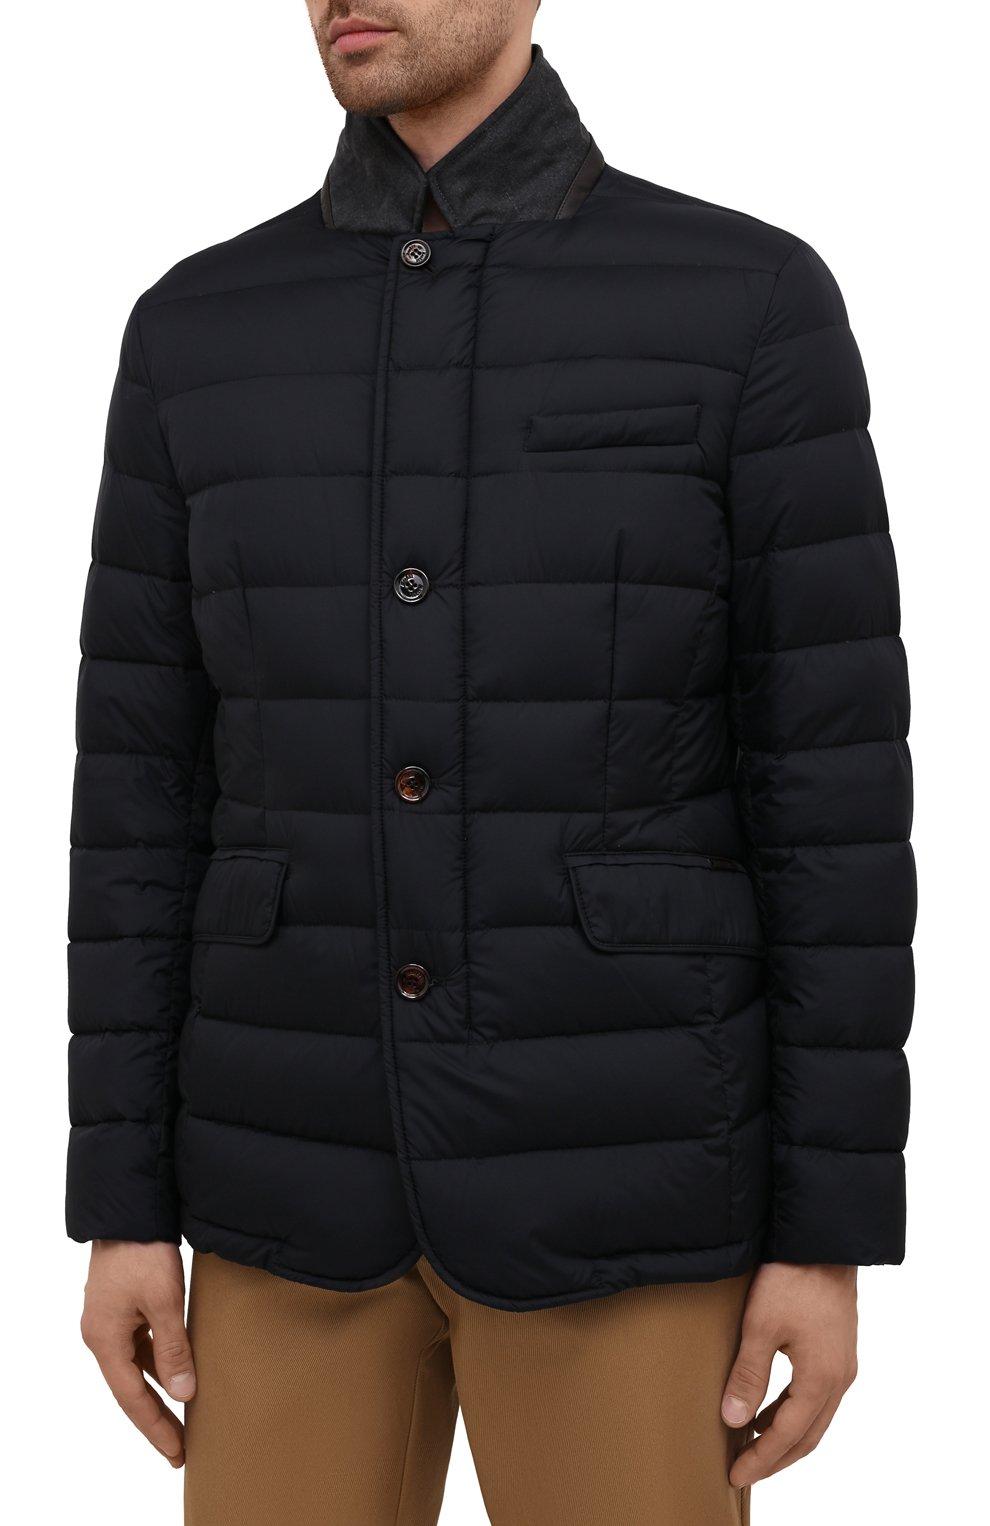 Мужская пуховая куртка zayn-op MOORER темно-синего цвета, арт. ZAYN-0P/M0UGI100307-TEPA017 | Фото 3 (Кросс-КТ: Куртка; Мужское Кросс-КТ: пуховик-короткий; Рукава: Длинные; Материал внешний: Синтетический материал; Материал подклада: Синтетический материал; Длина (верхняя одежда): Короткие; Материал утеплителя: Пух и перо; Стили: Кэжуэл)